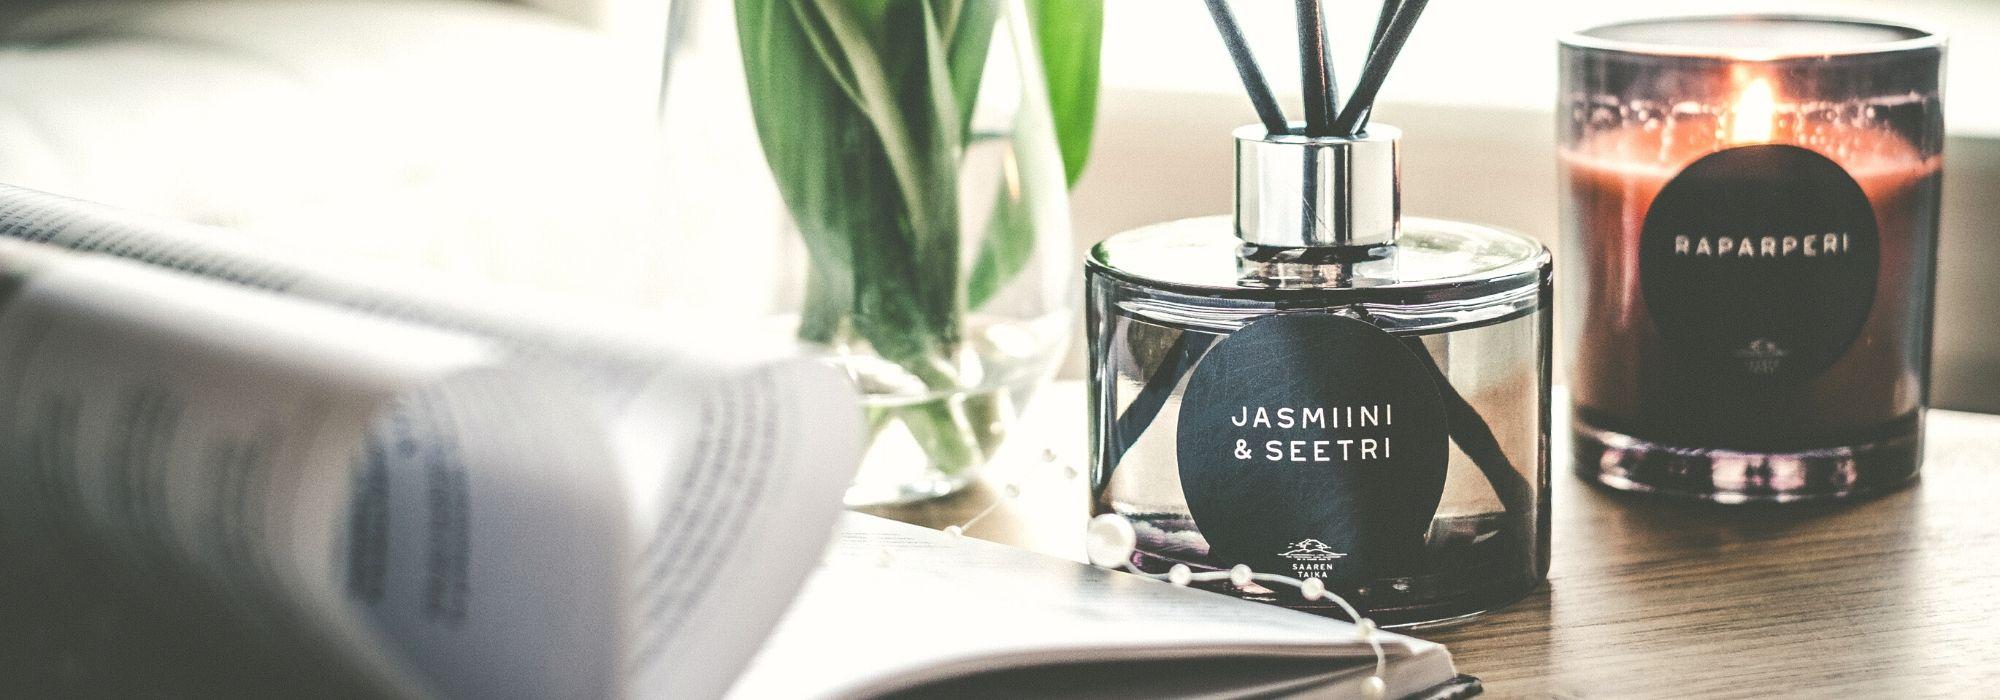 huonetuoksut tuoksukynttilät eteeriset öljyt saaren taika